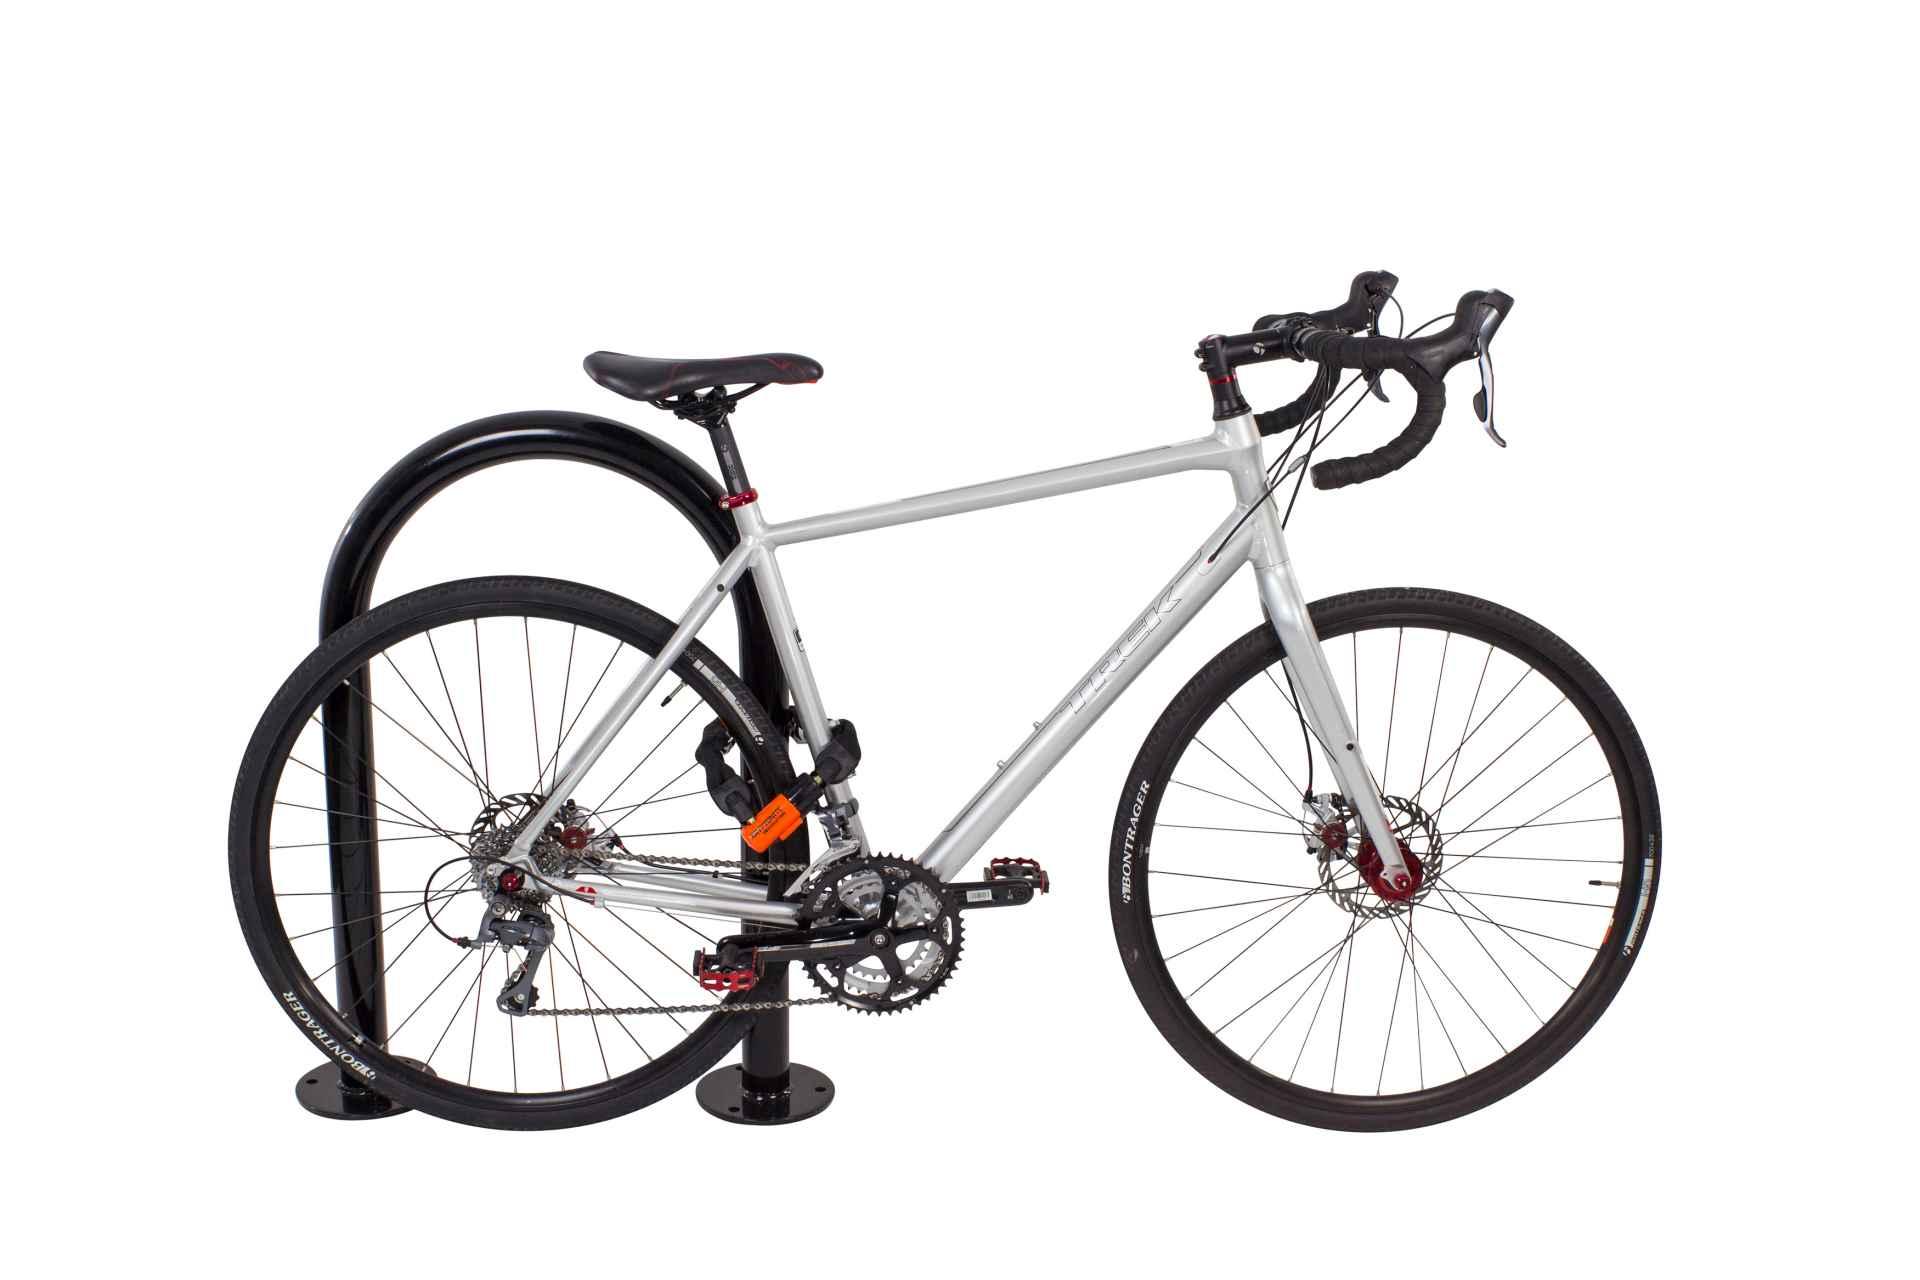 bicycle lock up folding bike. Black Bedroom Furniture Sets. Home Design Ideas